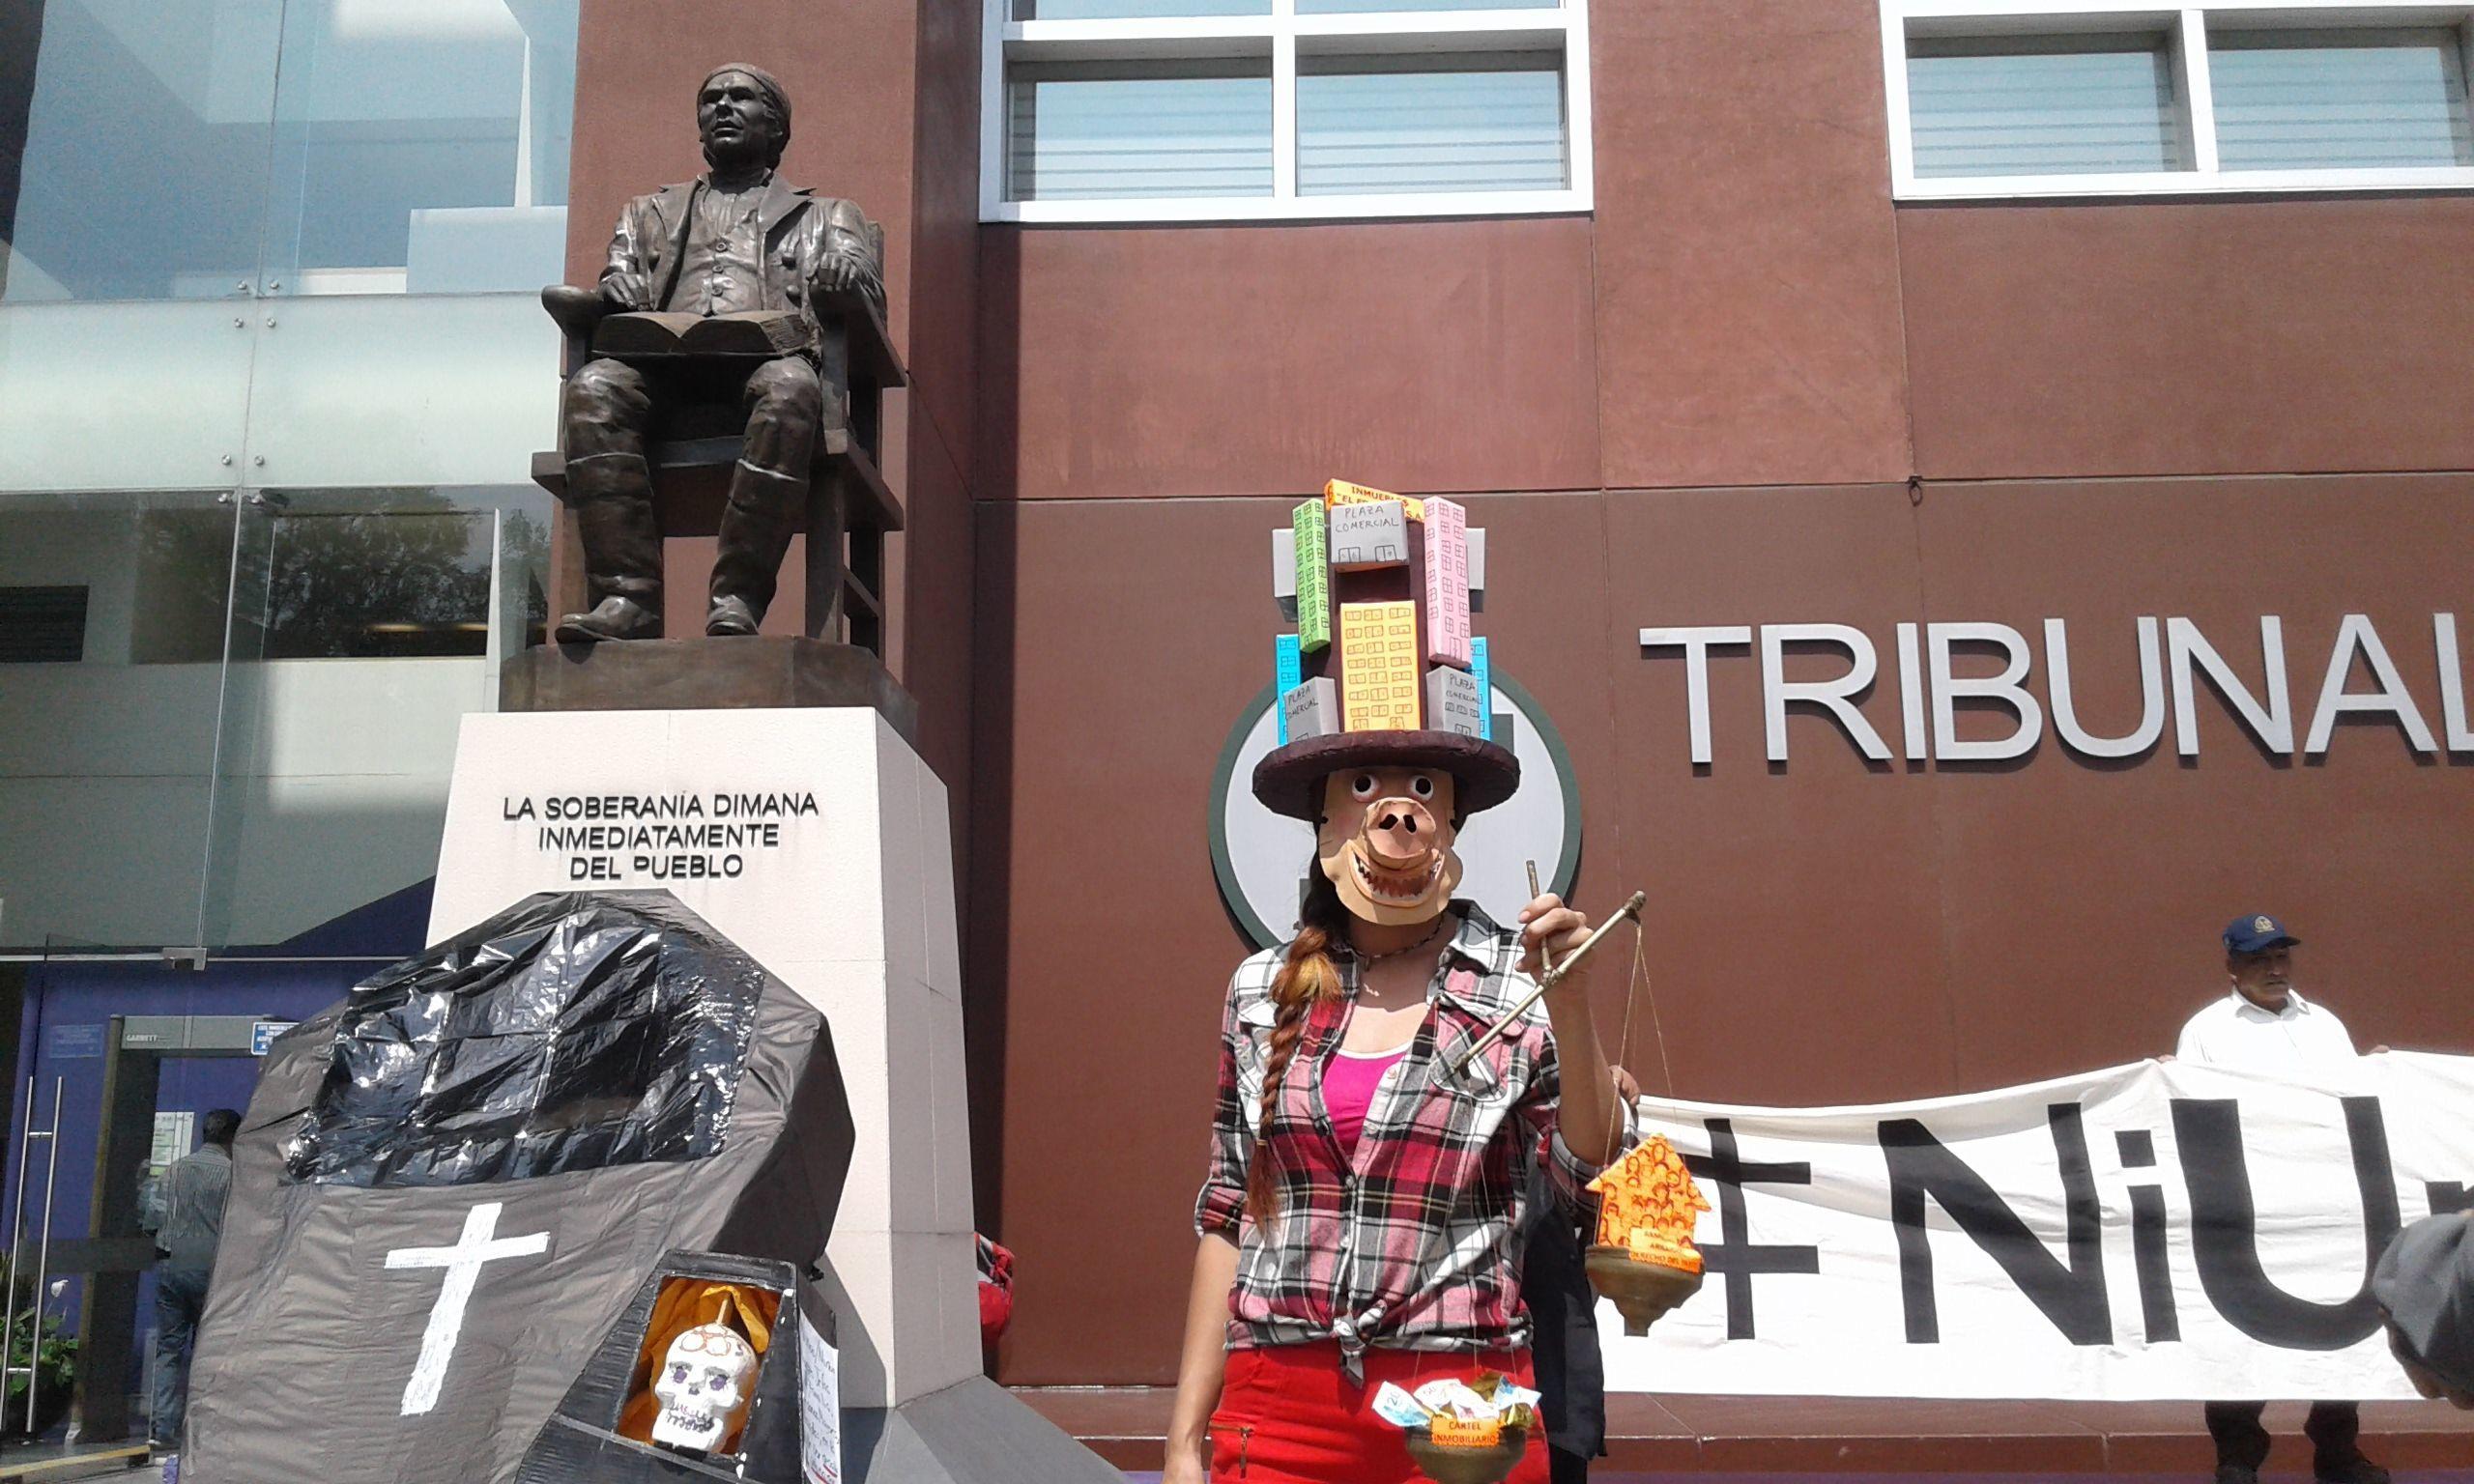 Movilización hacia el Tribunal Superior de Justicia, reclamando el cese de la expulsión arbitraria de la población originaria del centro de la ciudad de México